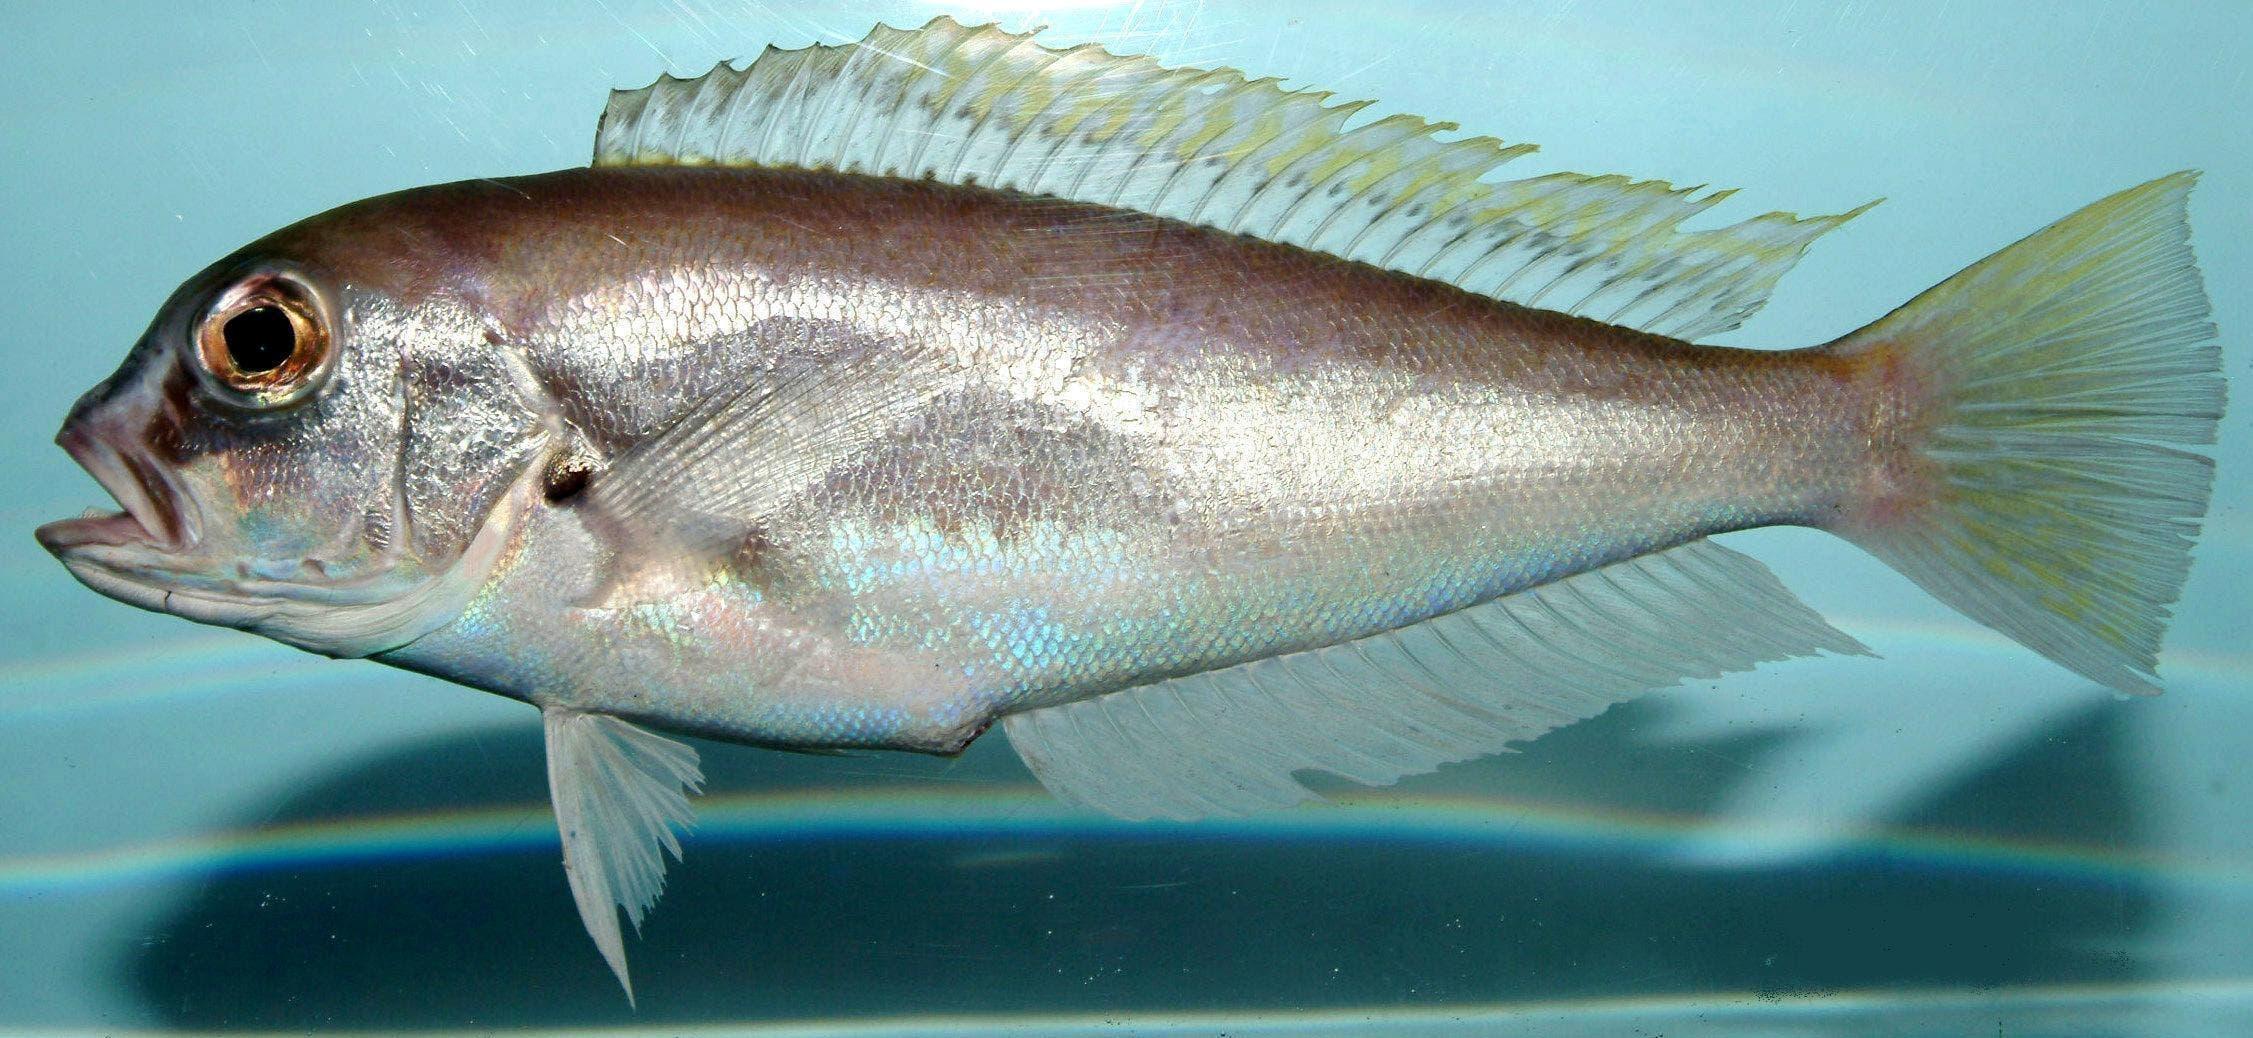 espèces de poissons que vous devez ne plus acheter pour préserver votre santé